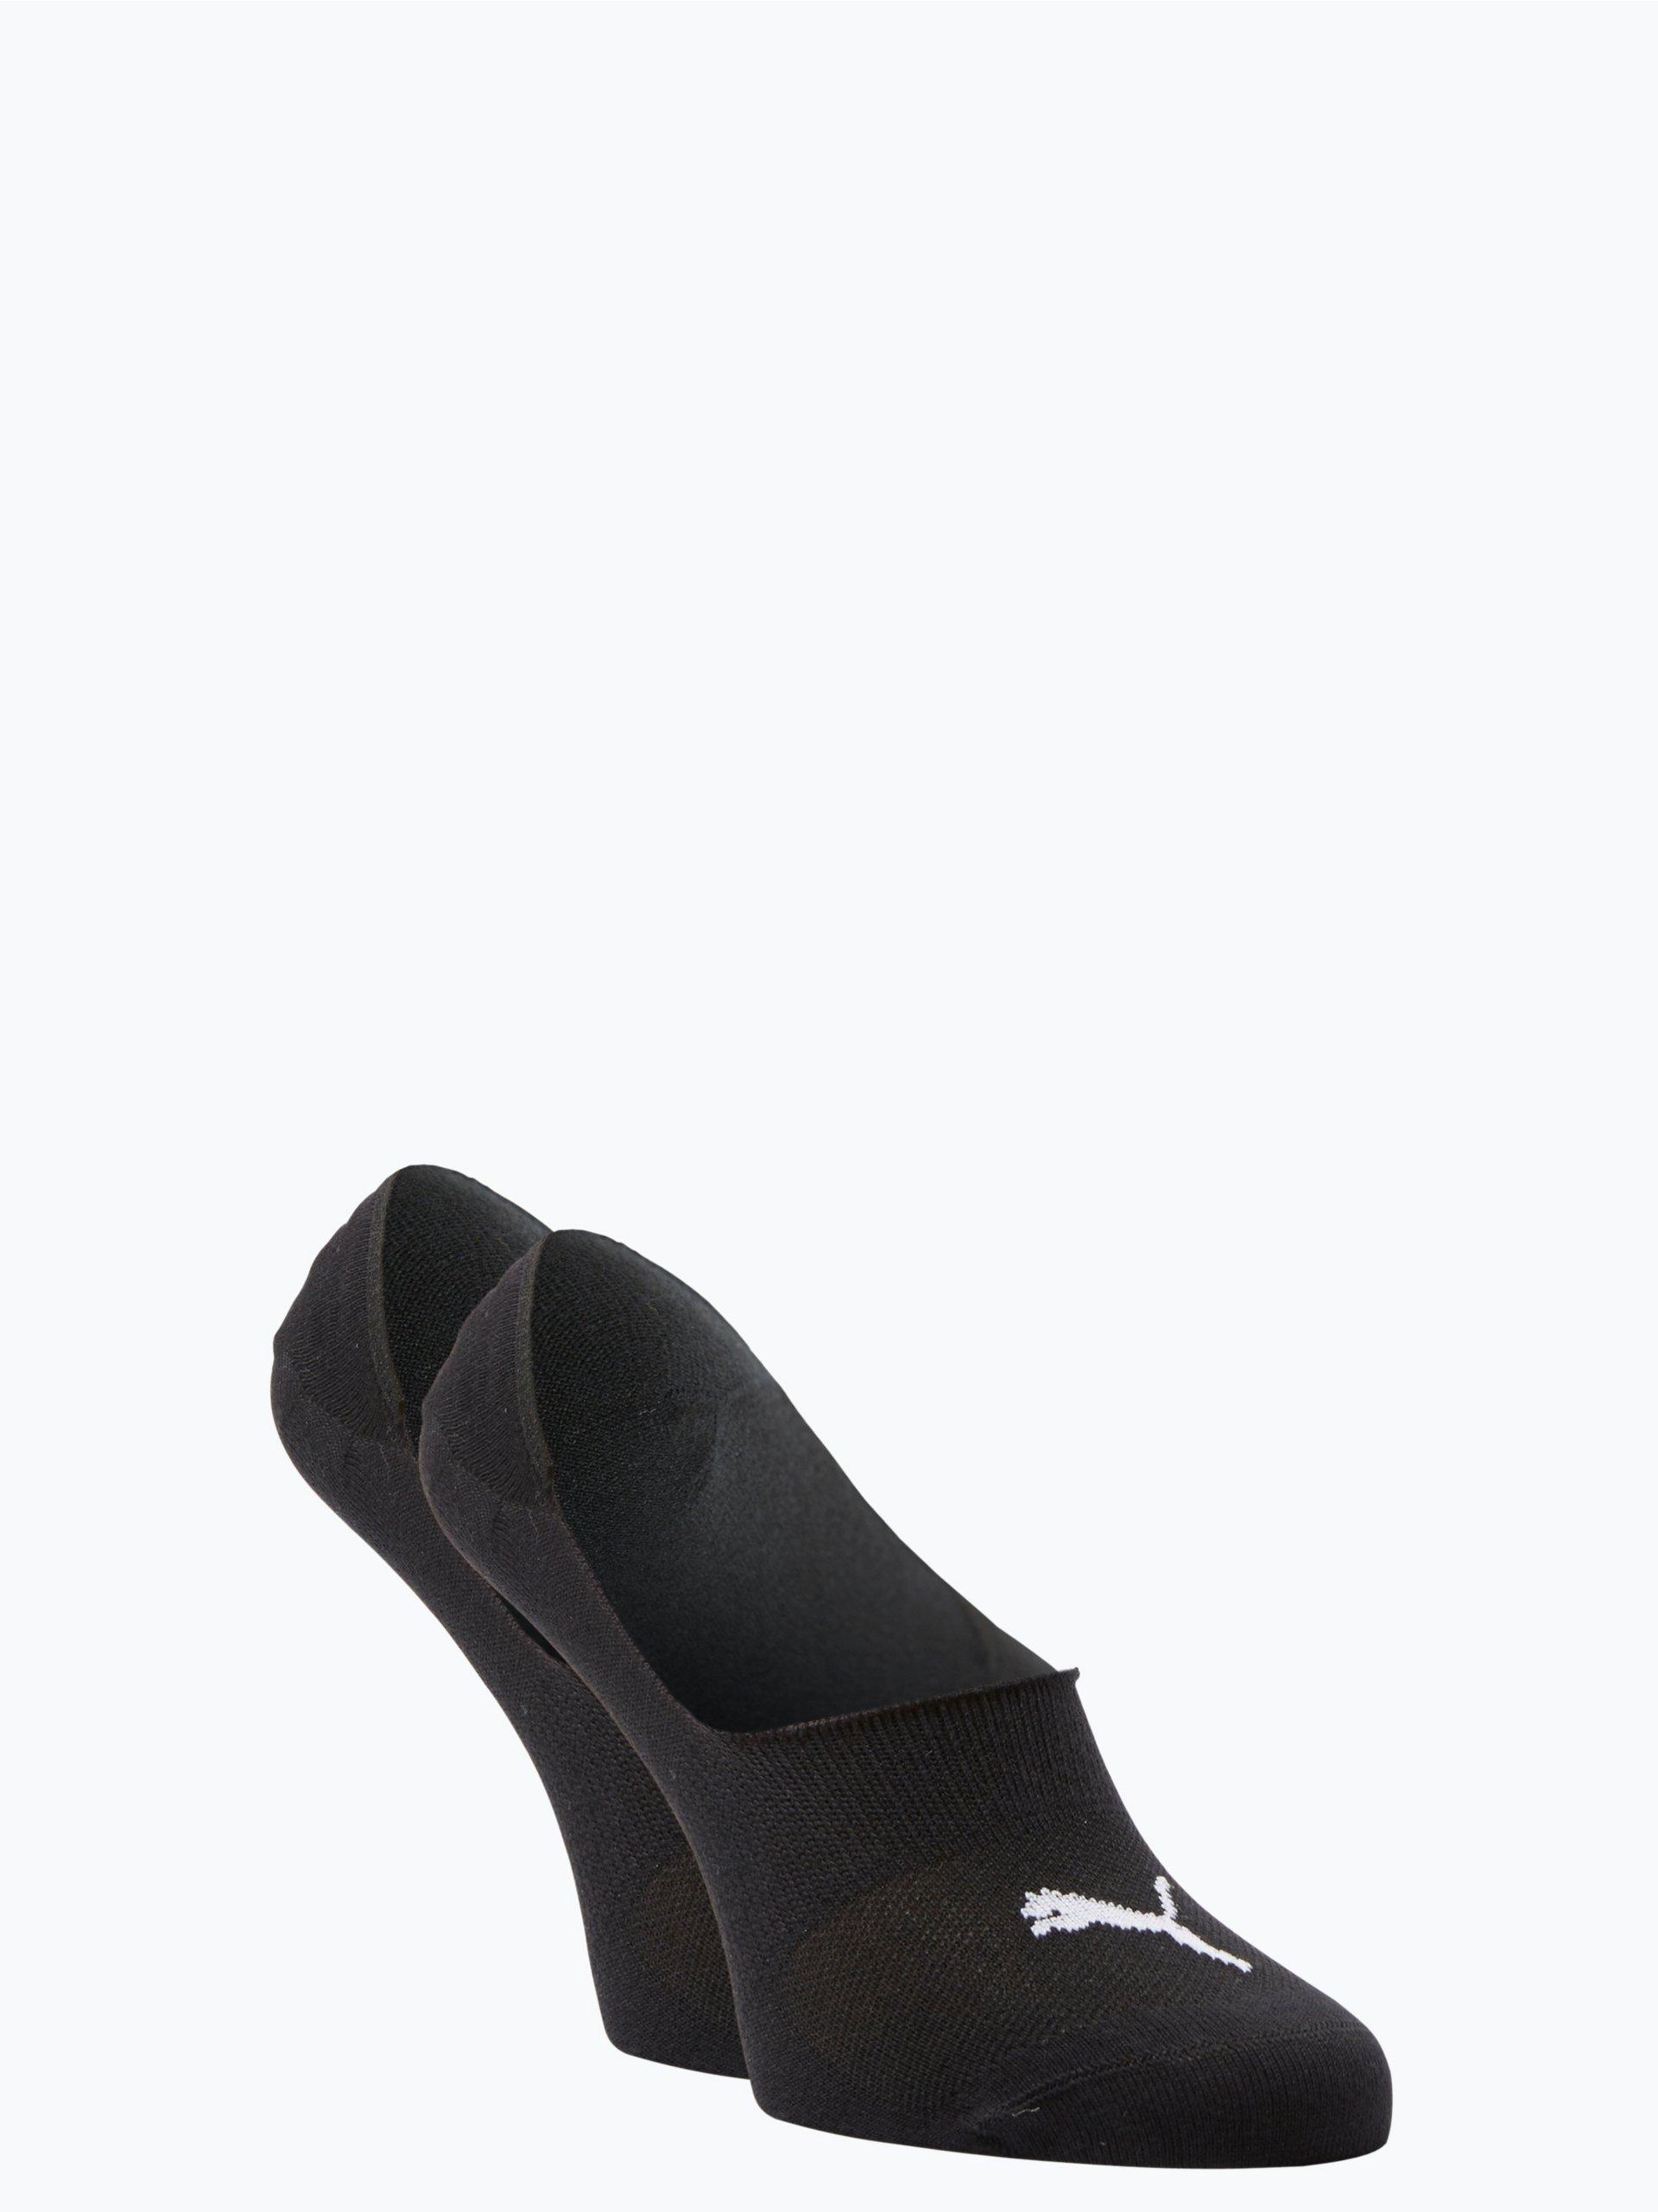 Puma Herren Sneakersocken im 2er-Pack